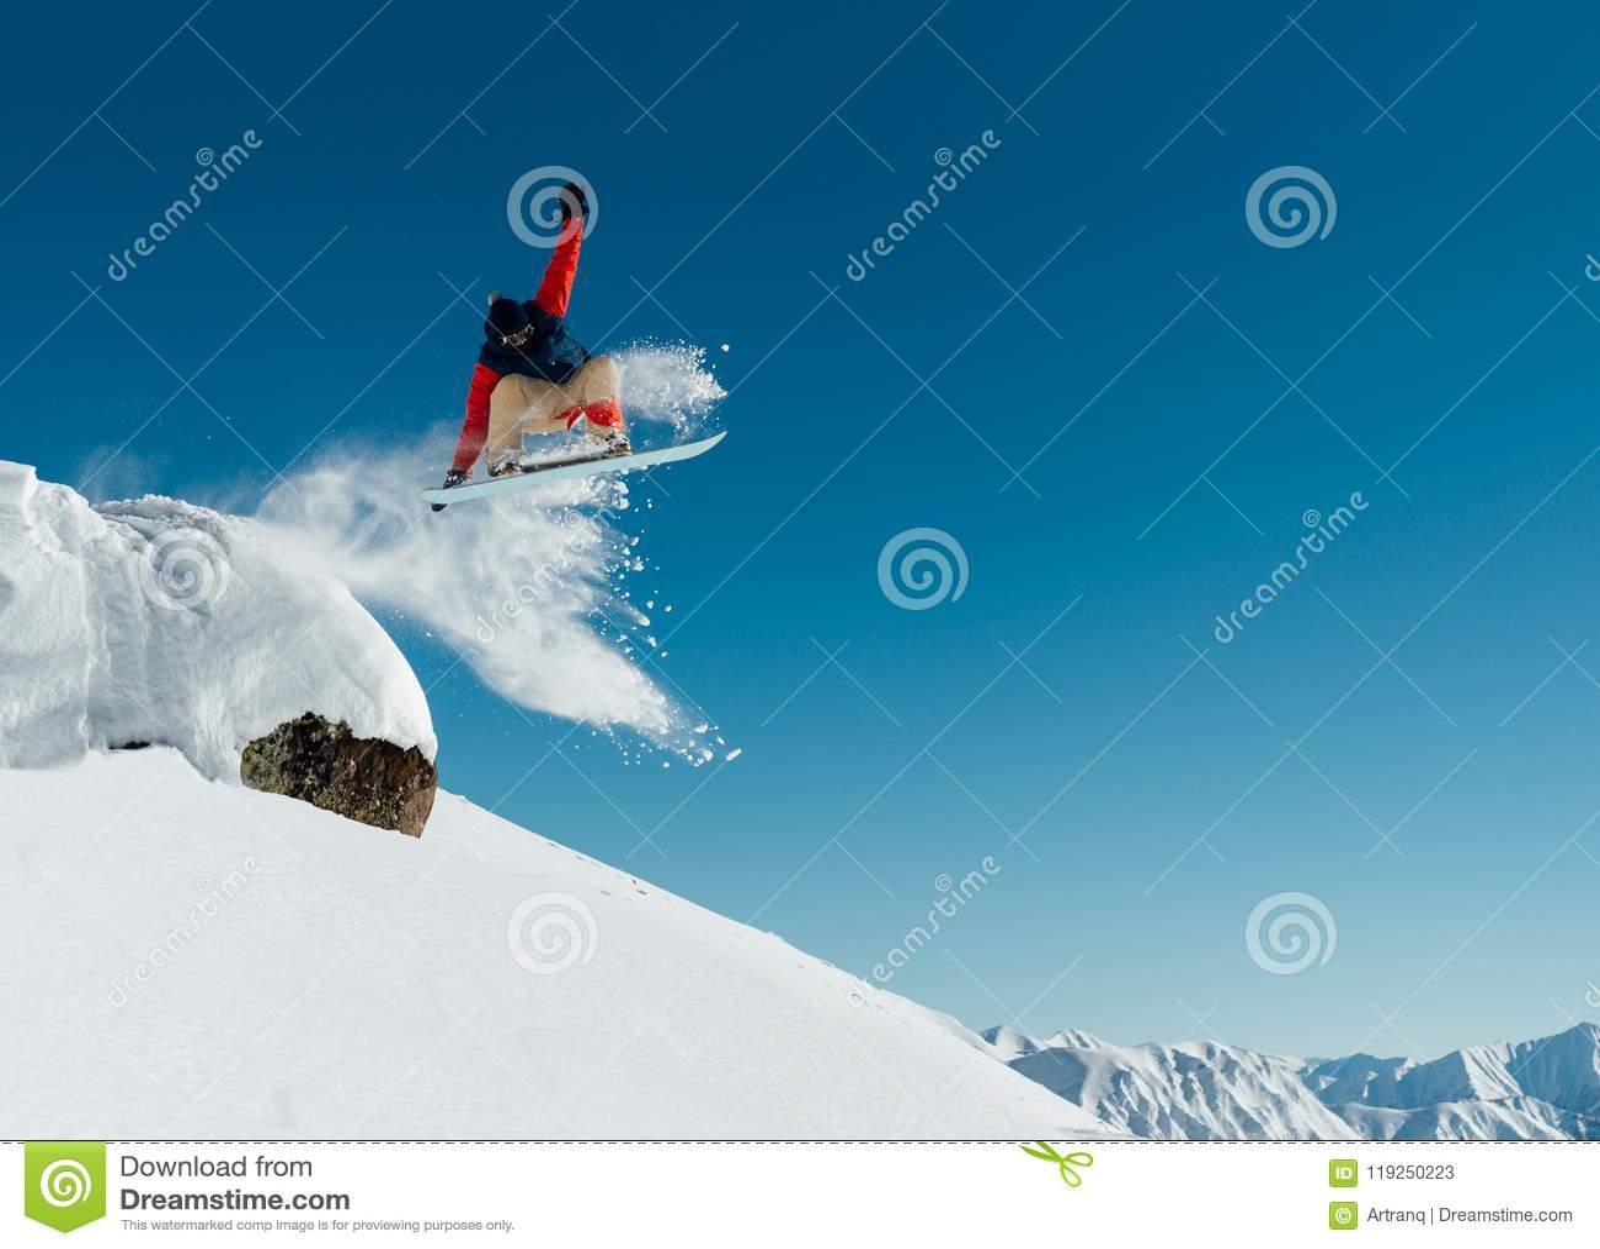 O Snowboarder no equipamento deixa cair fora a borda da pedra Ontário